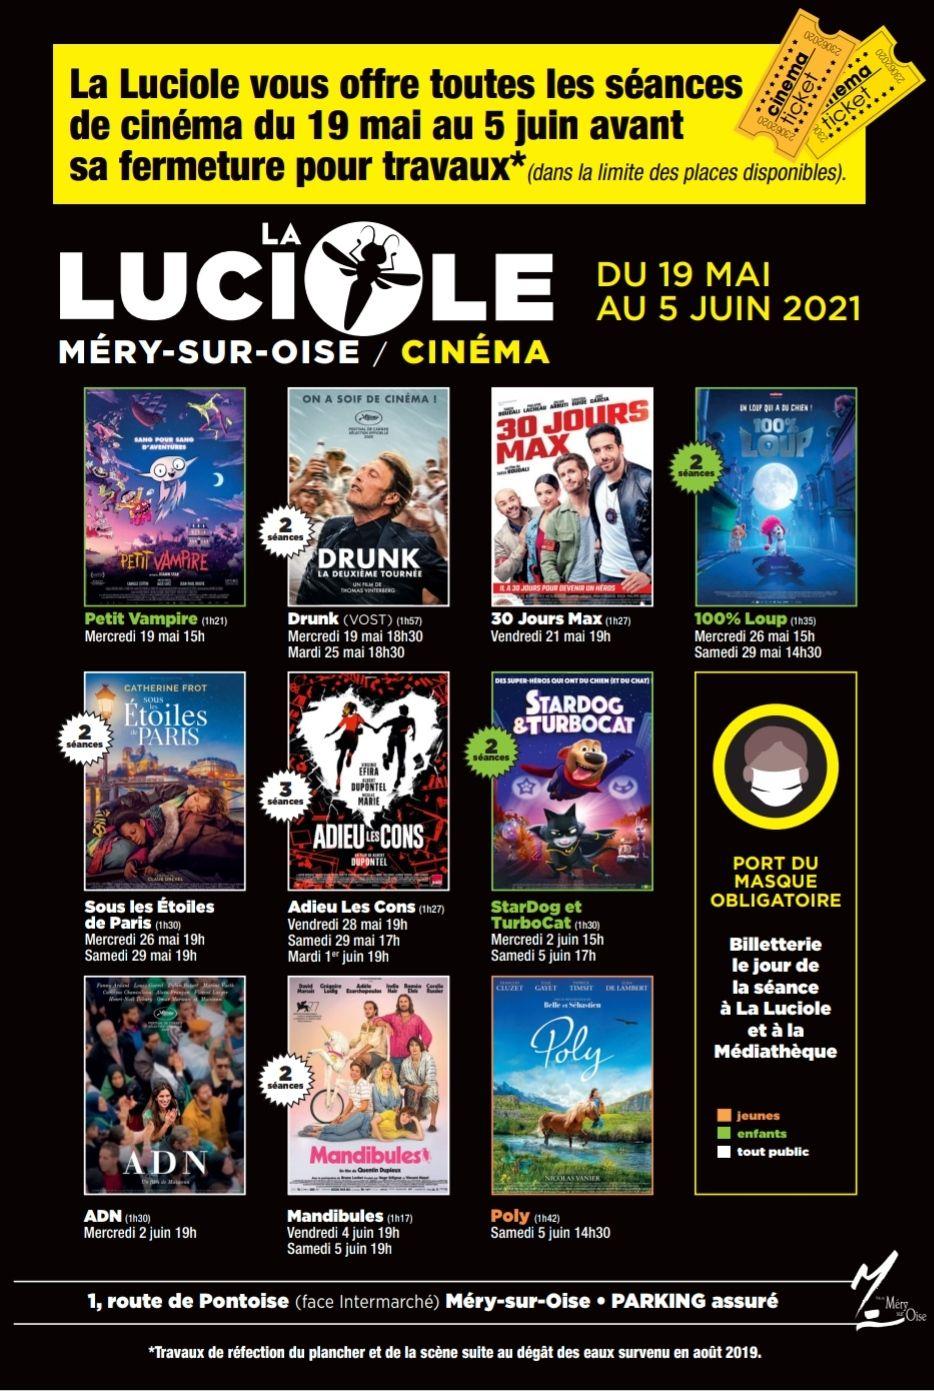 Places de Cinéma Gratuites toutes les séances/tous les jours/ tous les films jusqu'au 05/06 - Cinéma La Luciole - Méry-Sur-Oise (95)